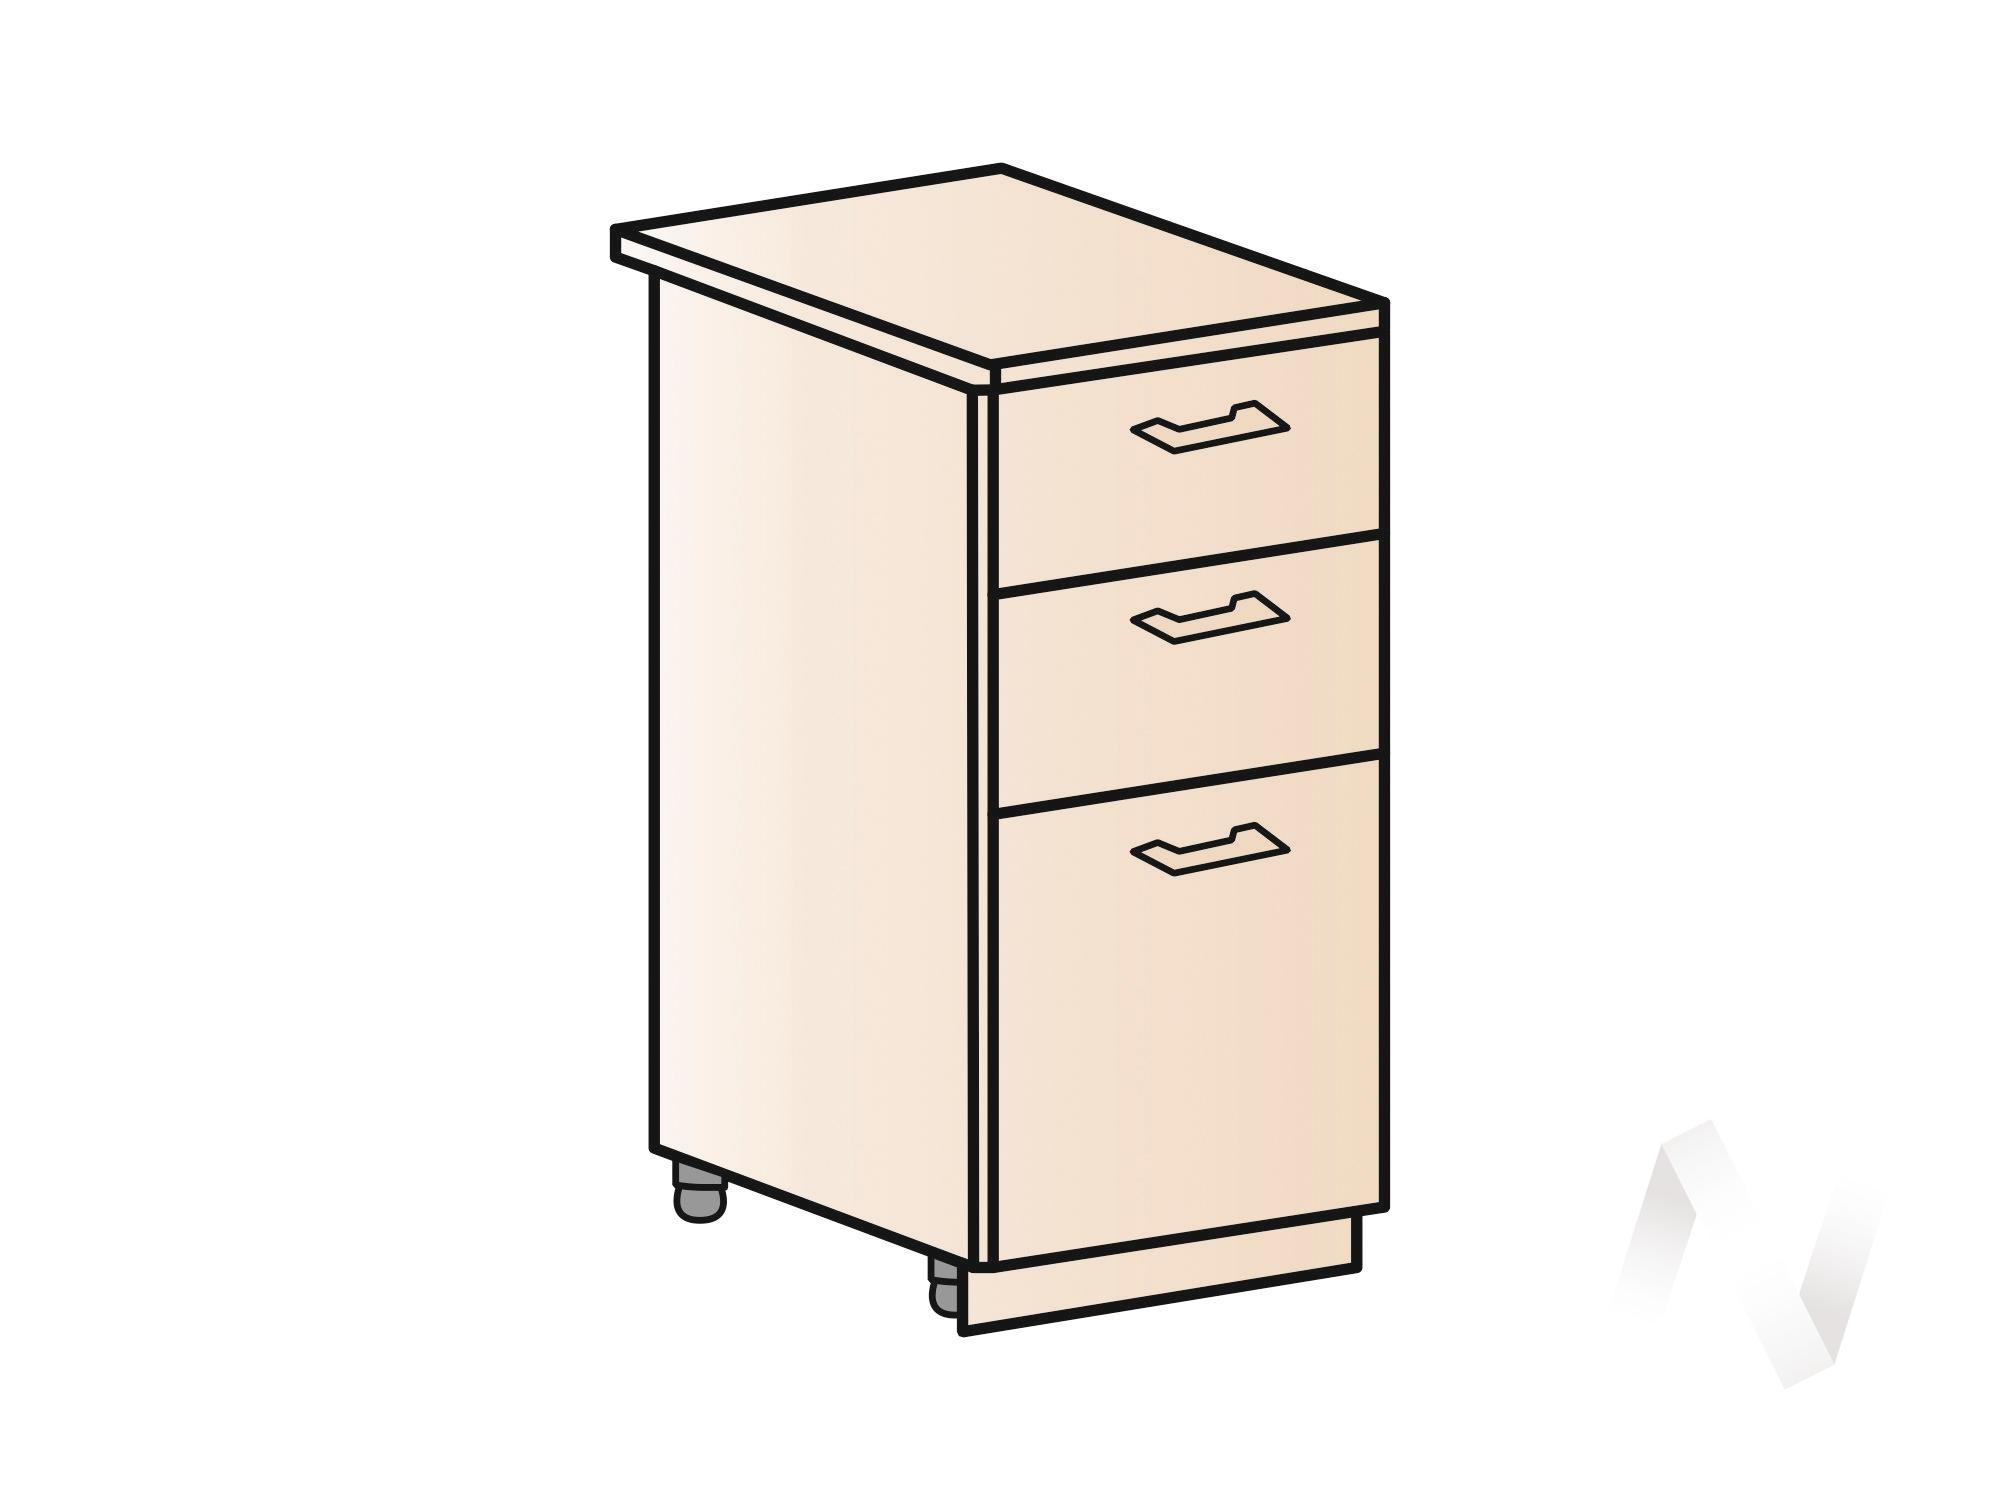 """Кухня """"Вена"""": Шкаф нижний с 3-мя ящиками 400, ШН3Я 400 (корпус белый) в Новосибирске в интернет-магазине мебели kuhnya54.ru"""